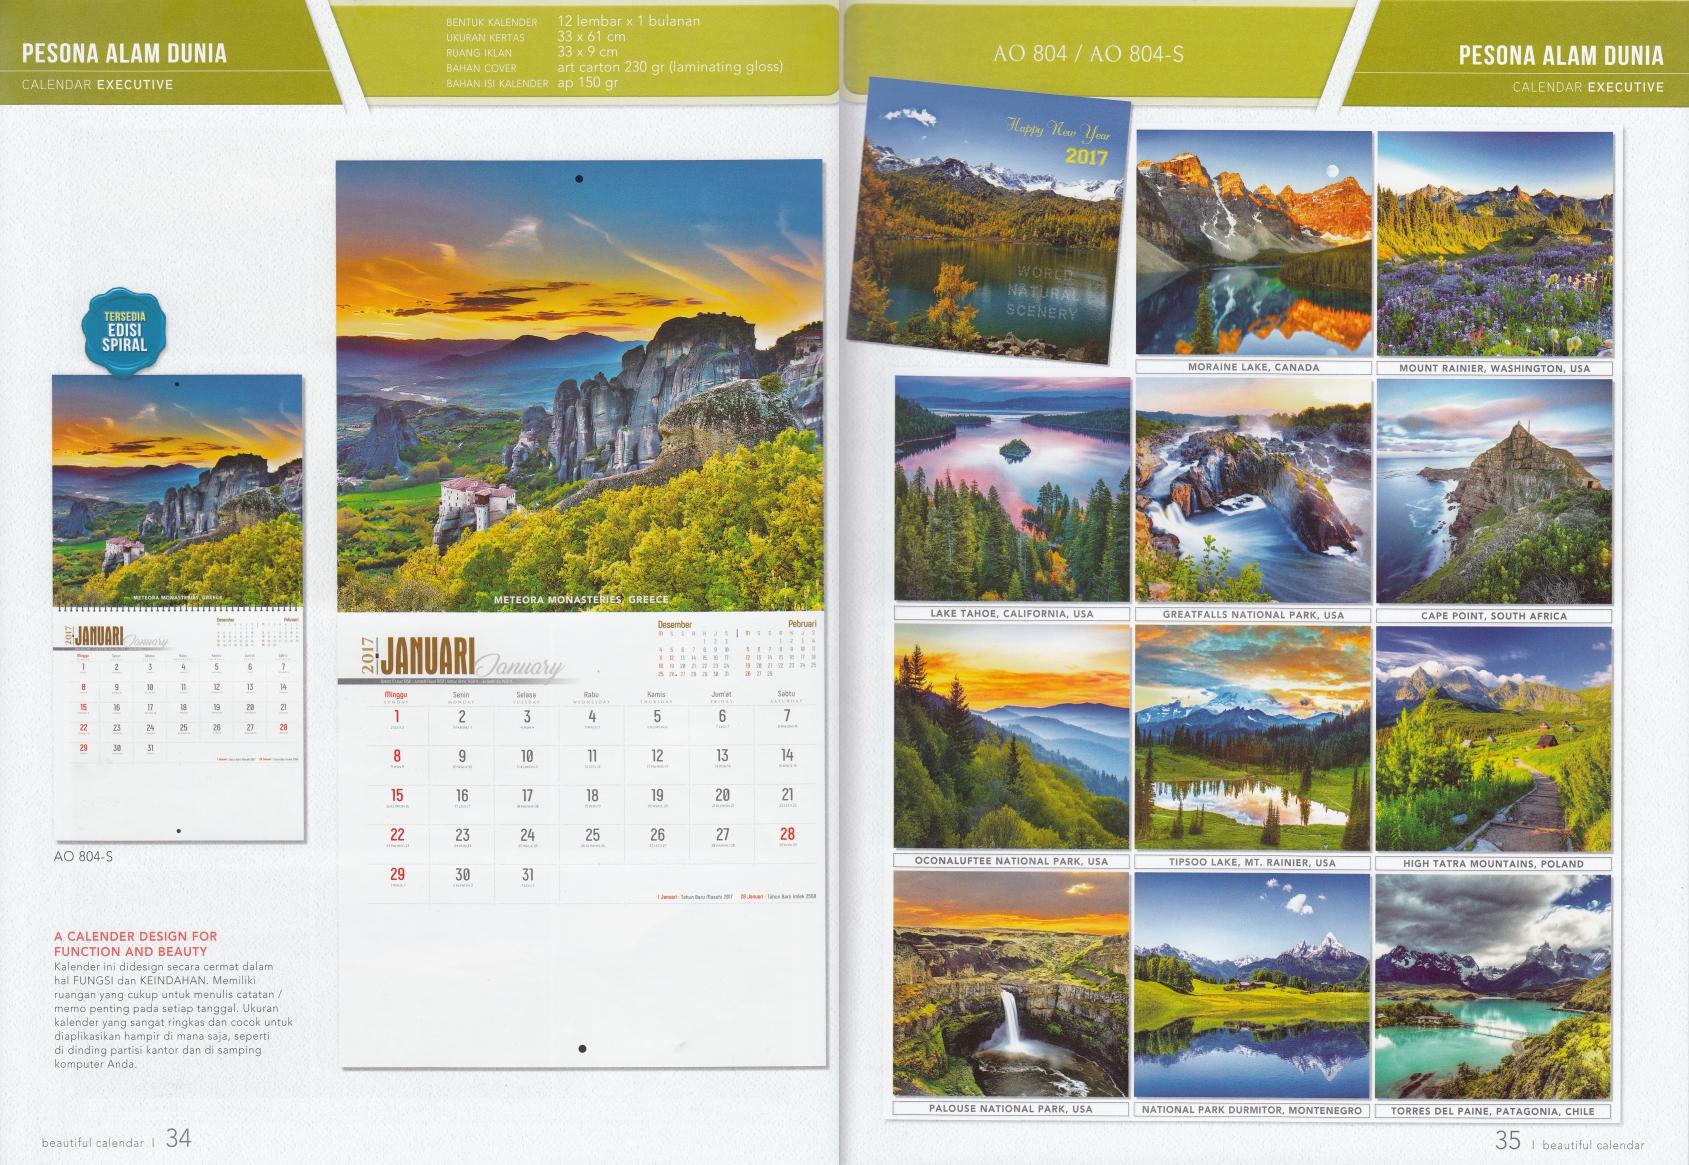 Kalender 2017 Pesona Alam Dunia Desain Executive